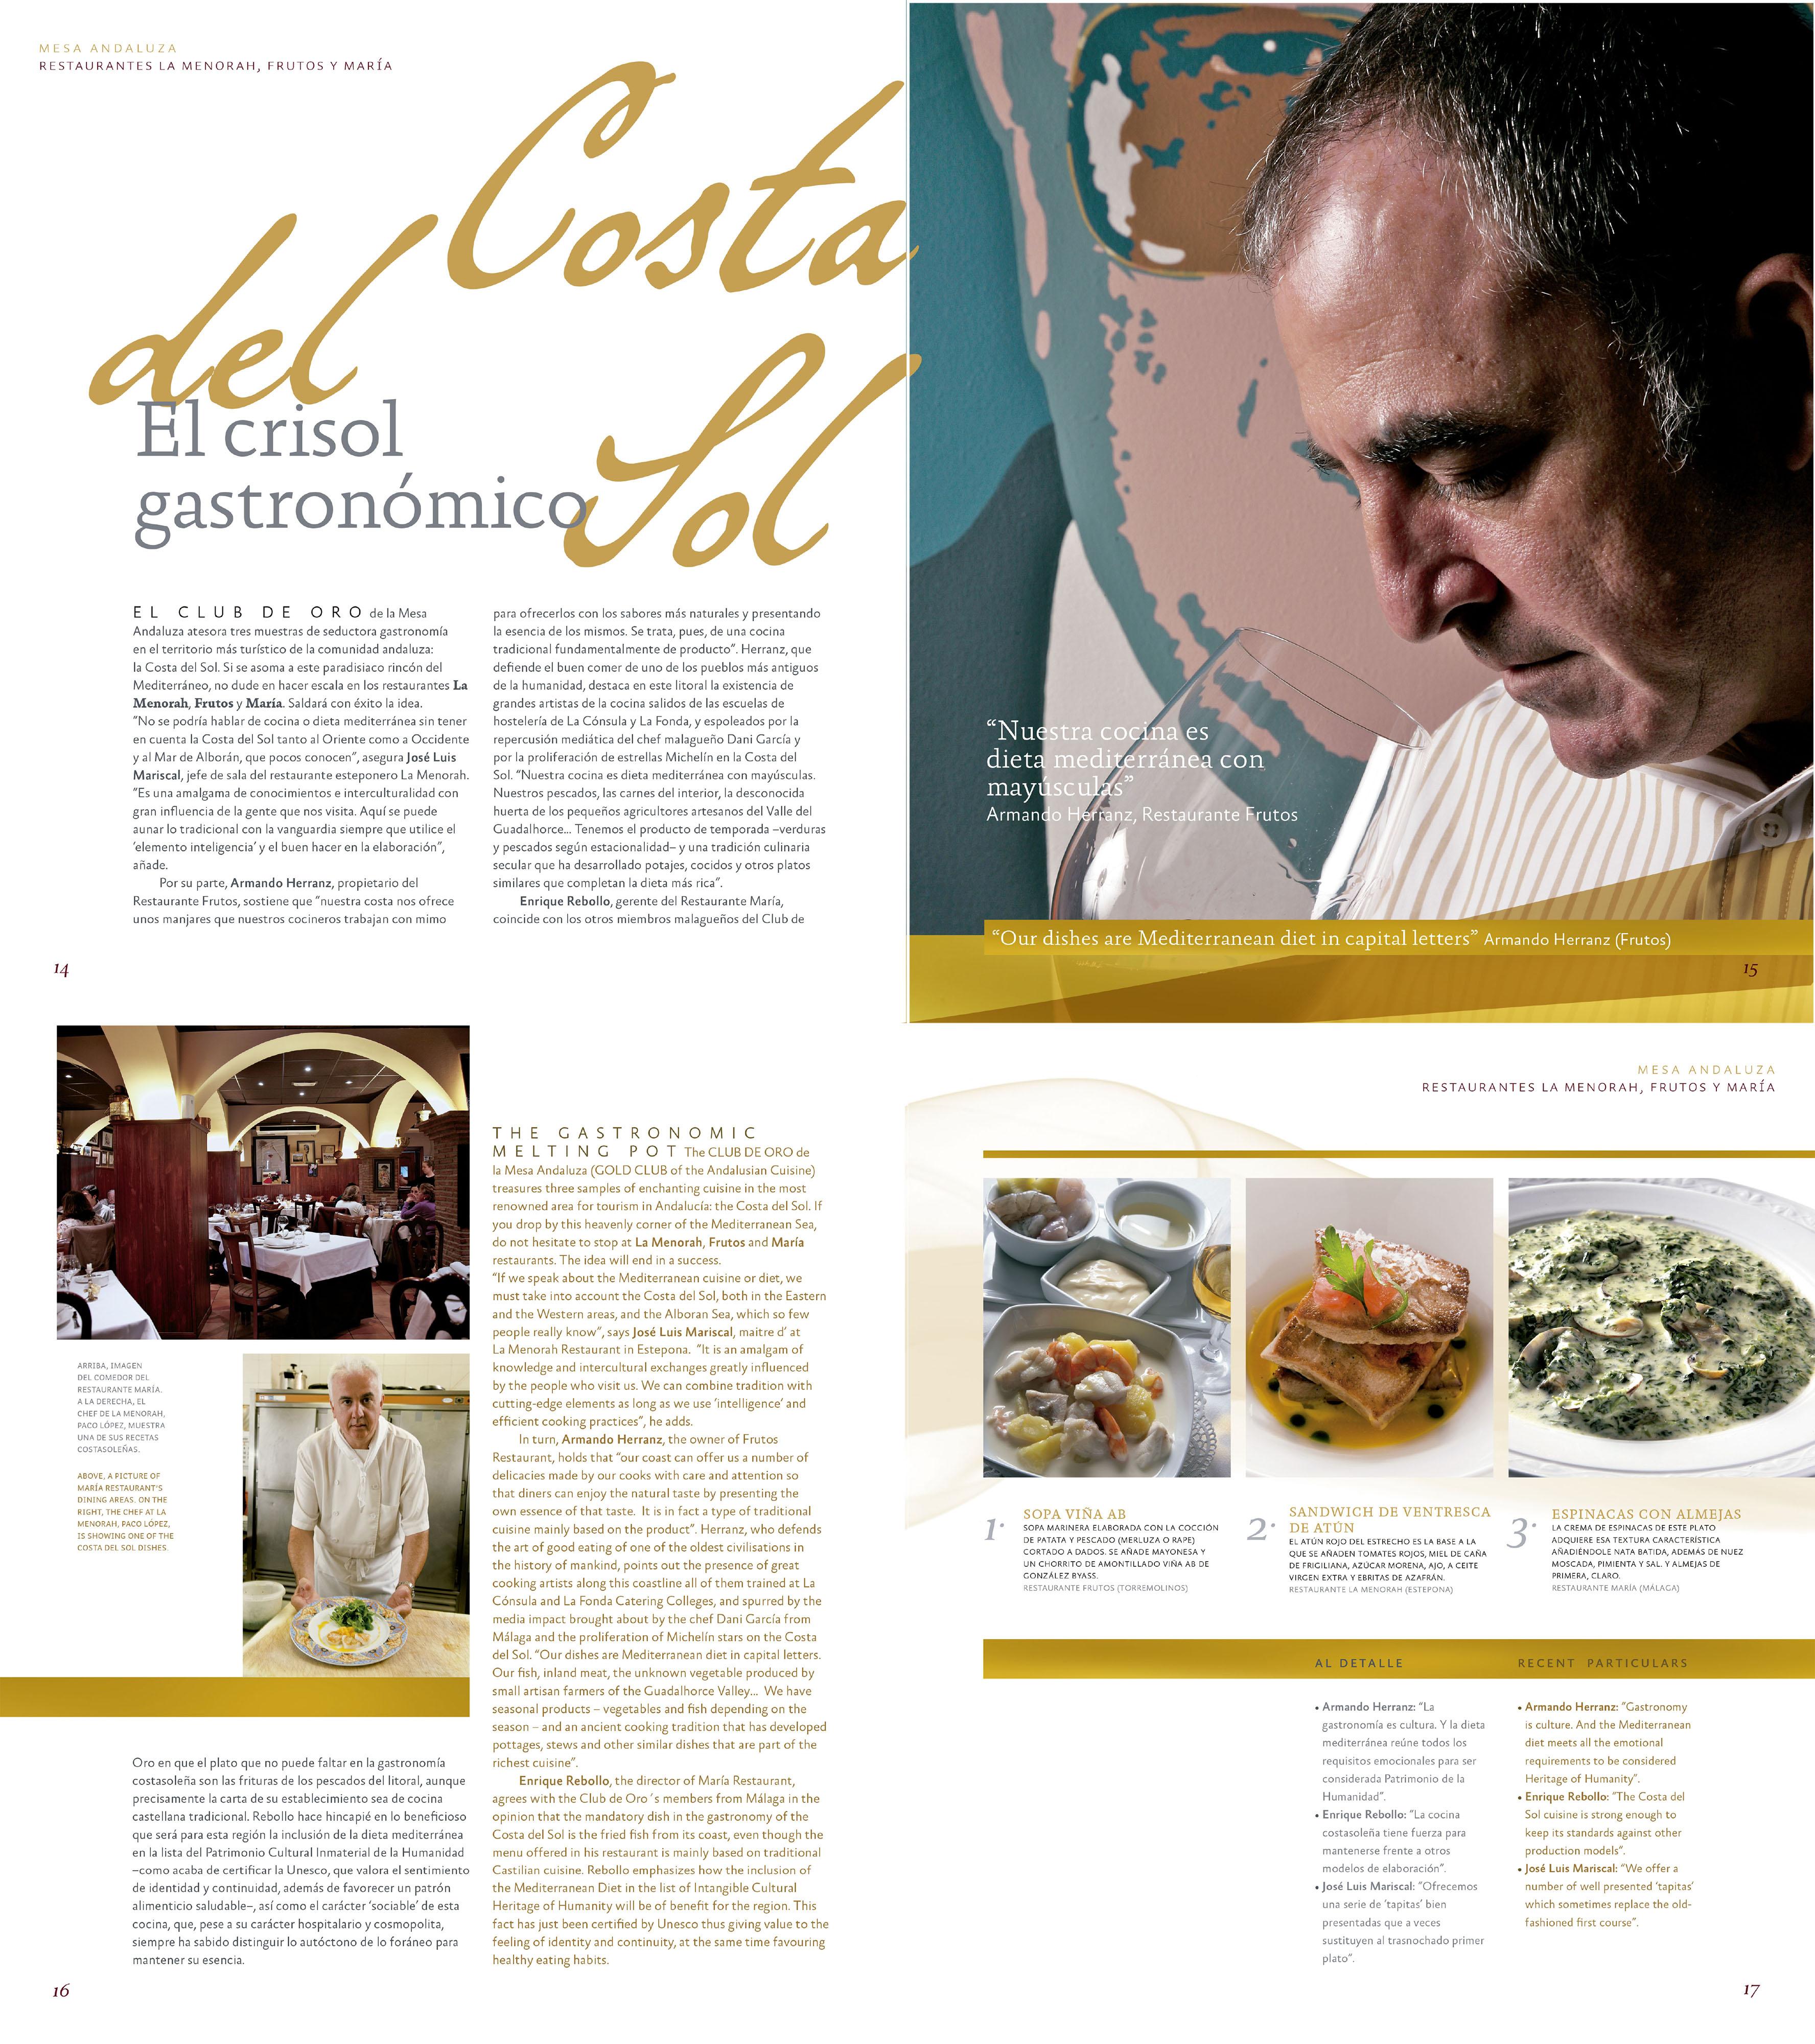 Costa del Sol: el crisol gastronómico - Restaurantes Frutos, María | Revista ORO | dic 2010